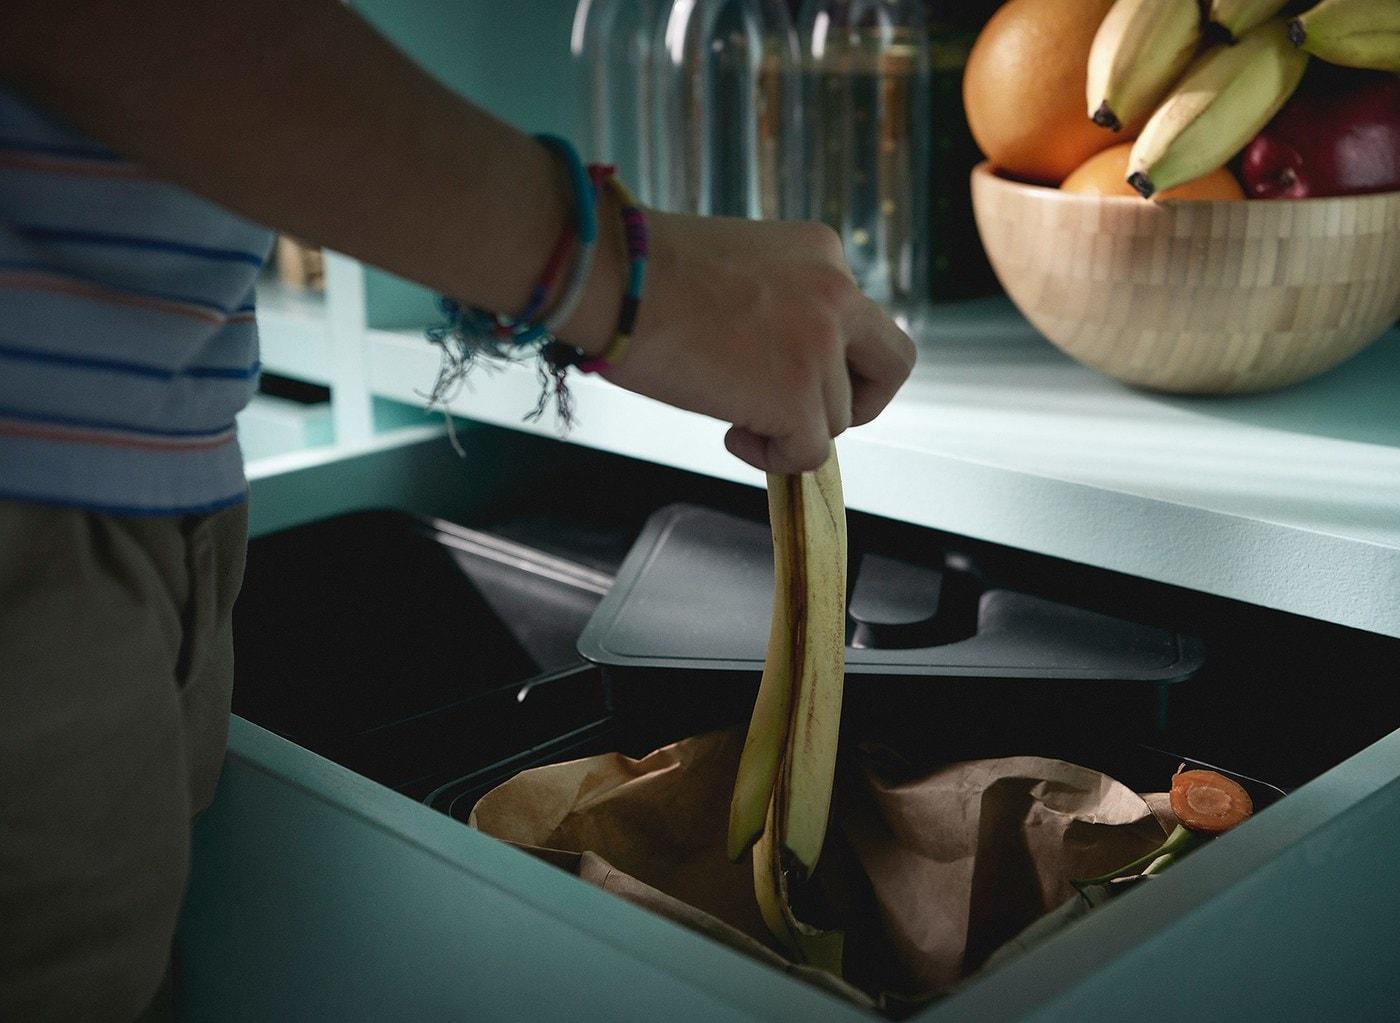 شخص يرتدي أساورًا يلقي بقشرة موز في صندوق إعادة تدوير VARIERA من ايكيا، في درج المطبخ.